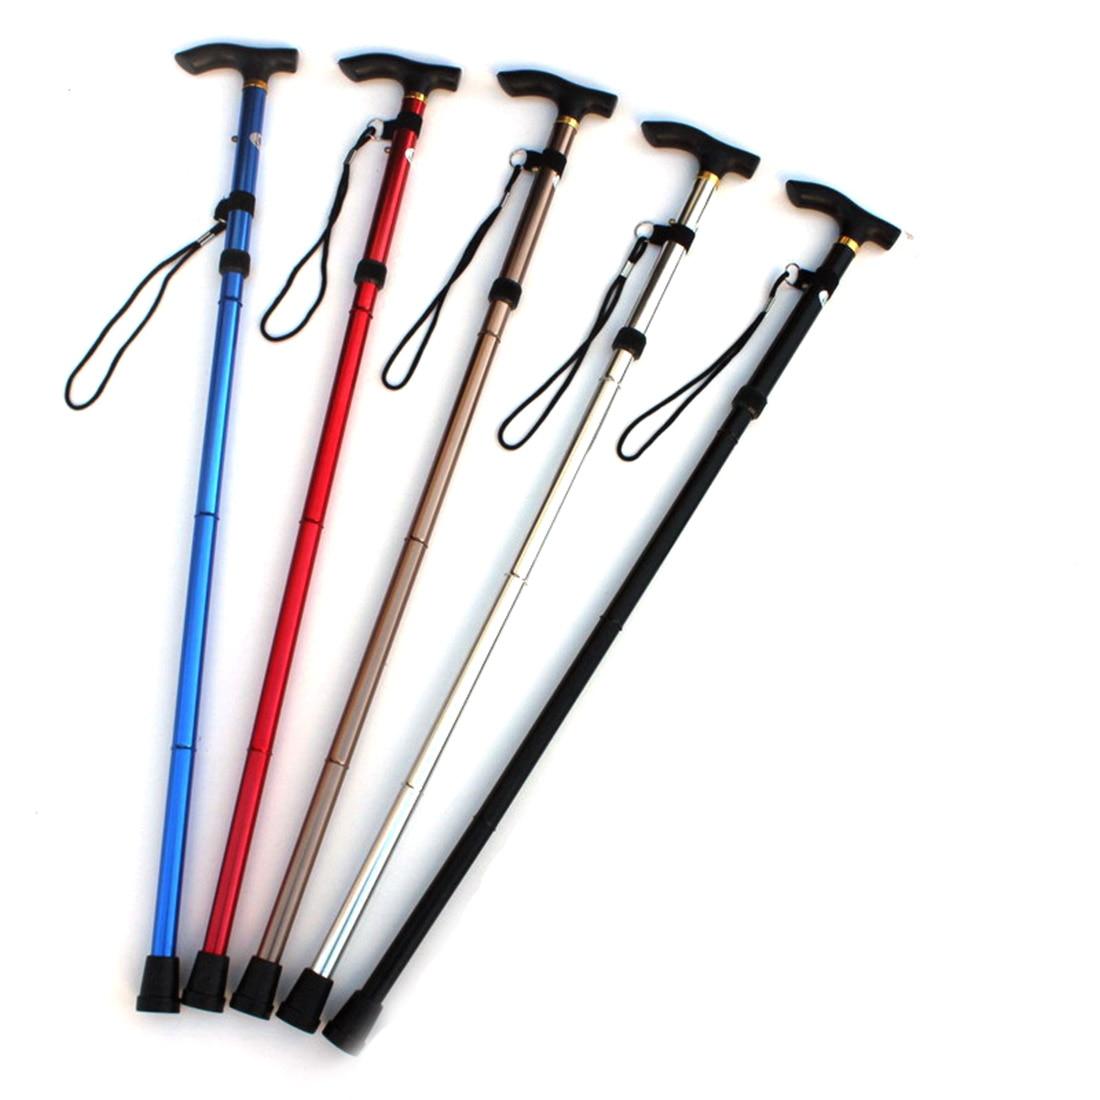 Bastón de senderismo ultraligero, bastón plegable de aleación de aluminio ajustable de...